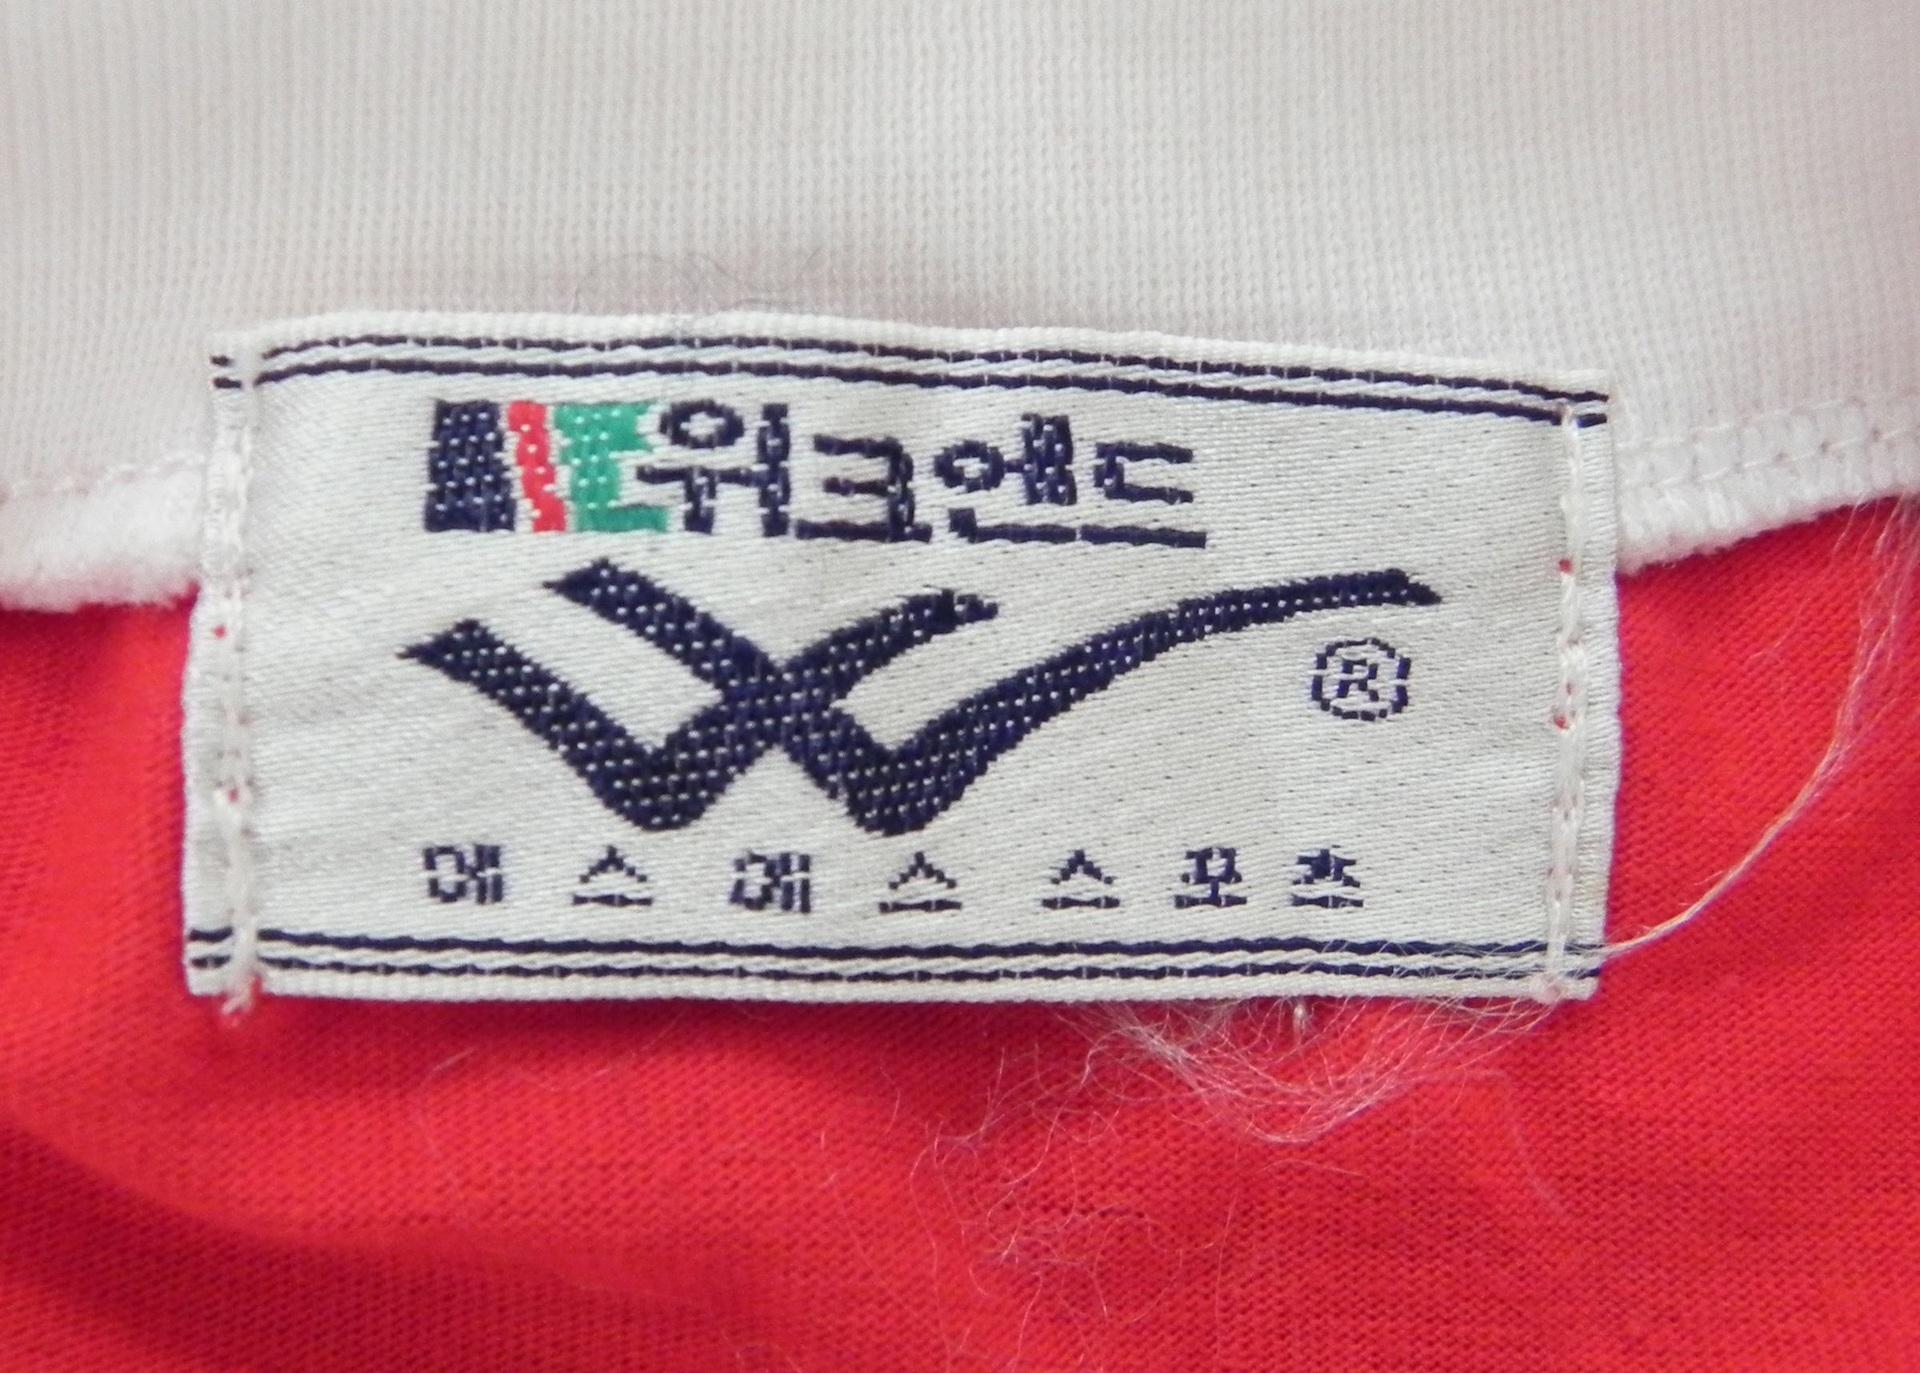 South-Korea-1986-kit-logo.jpg